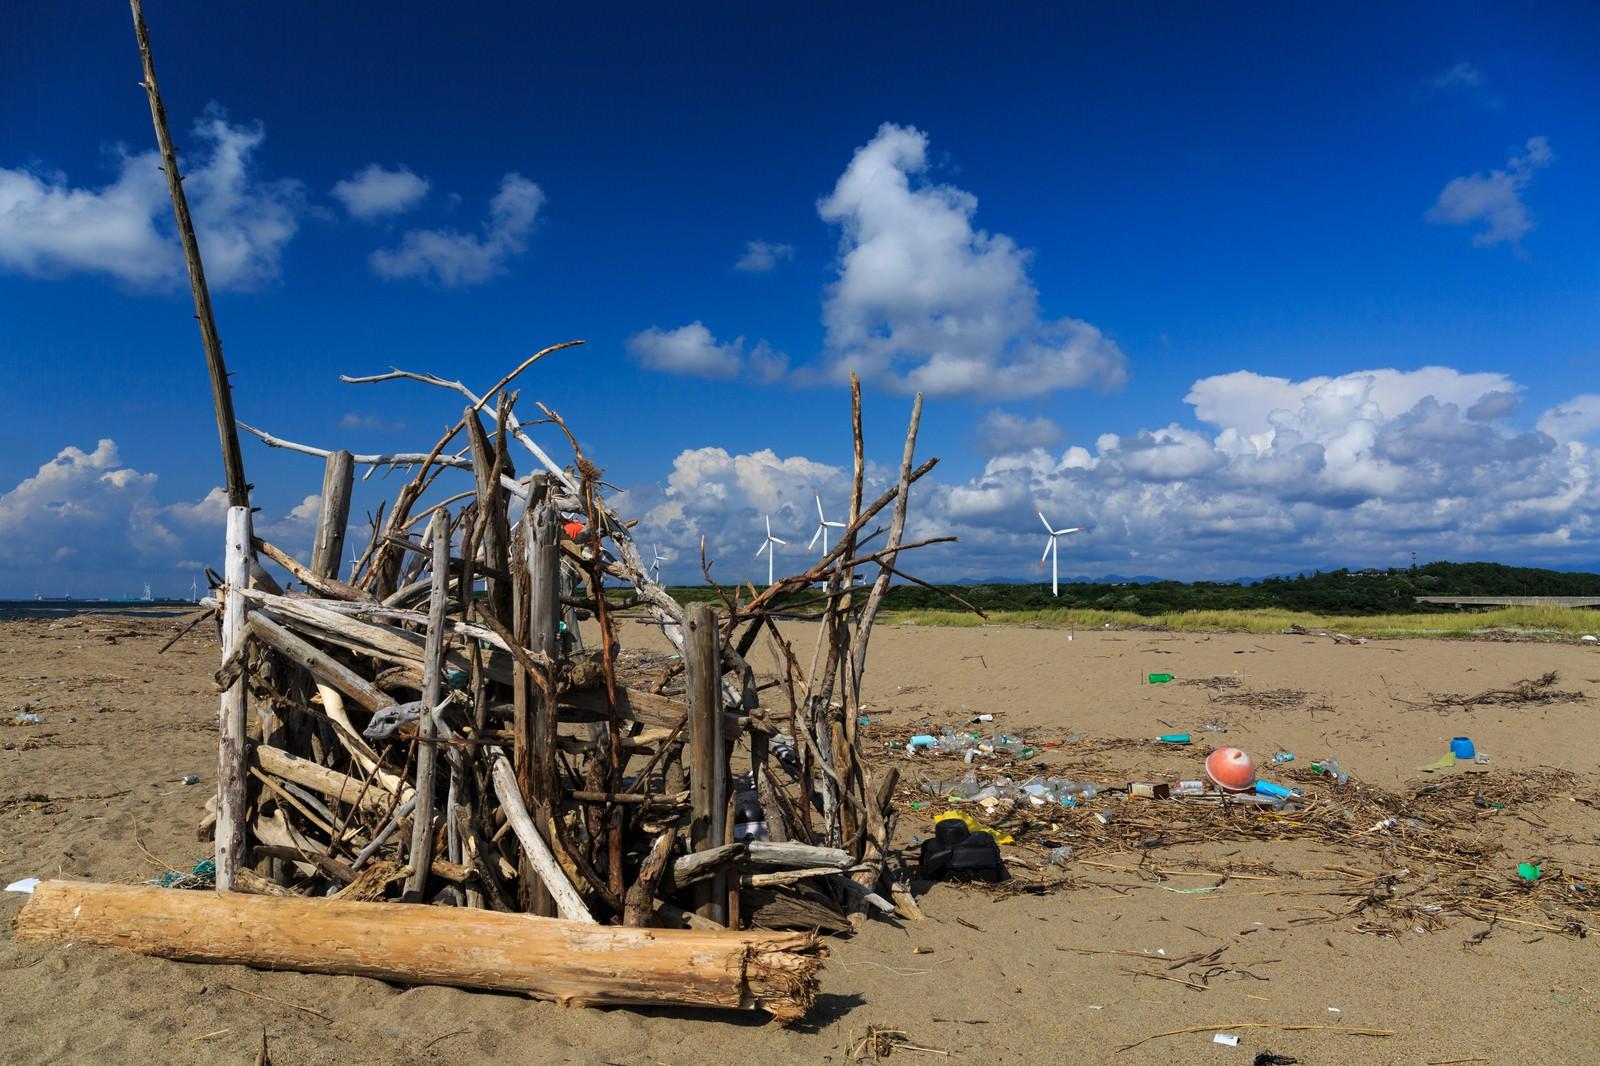 「海岸の廃物とゴミ海岸の廃物とゴミ」のフリー写真素材を拡大